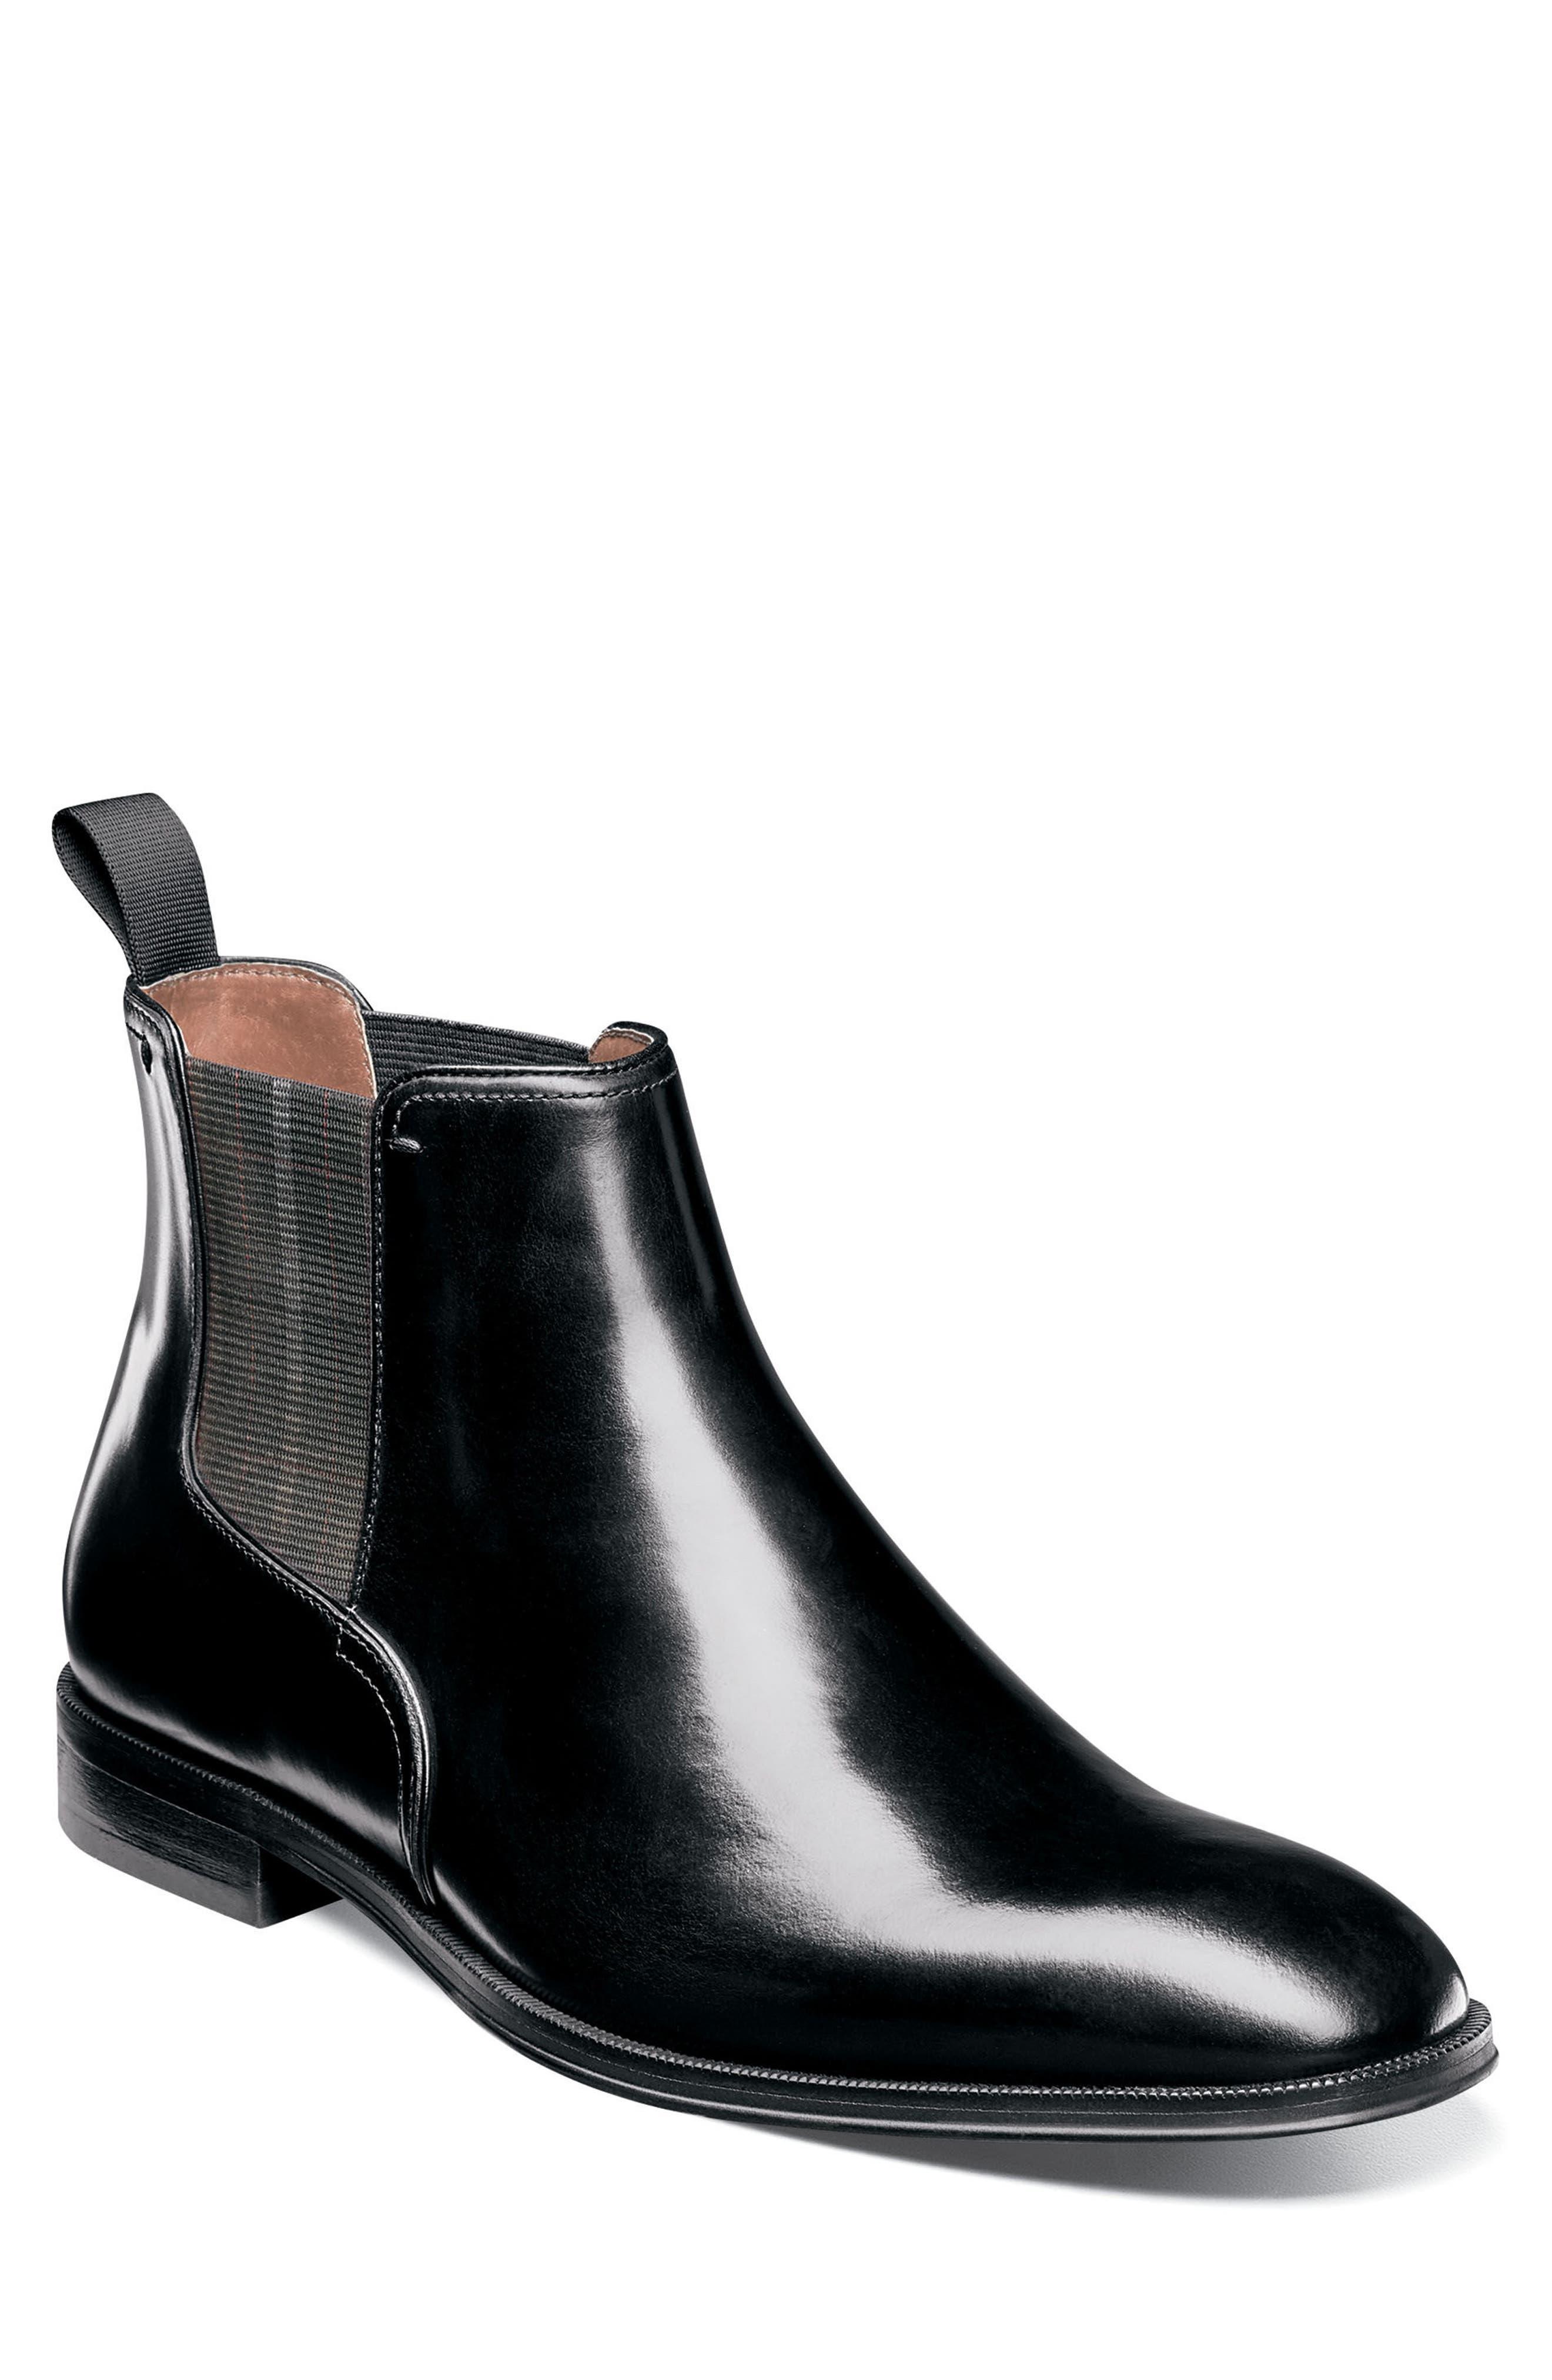 Florsheim Belfast Chelsea Boot, Black